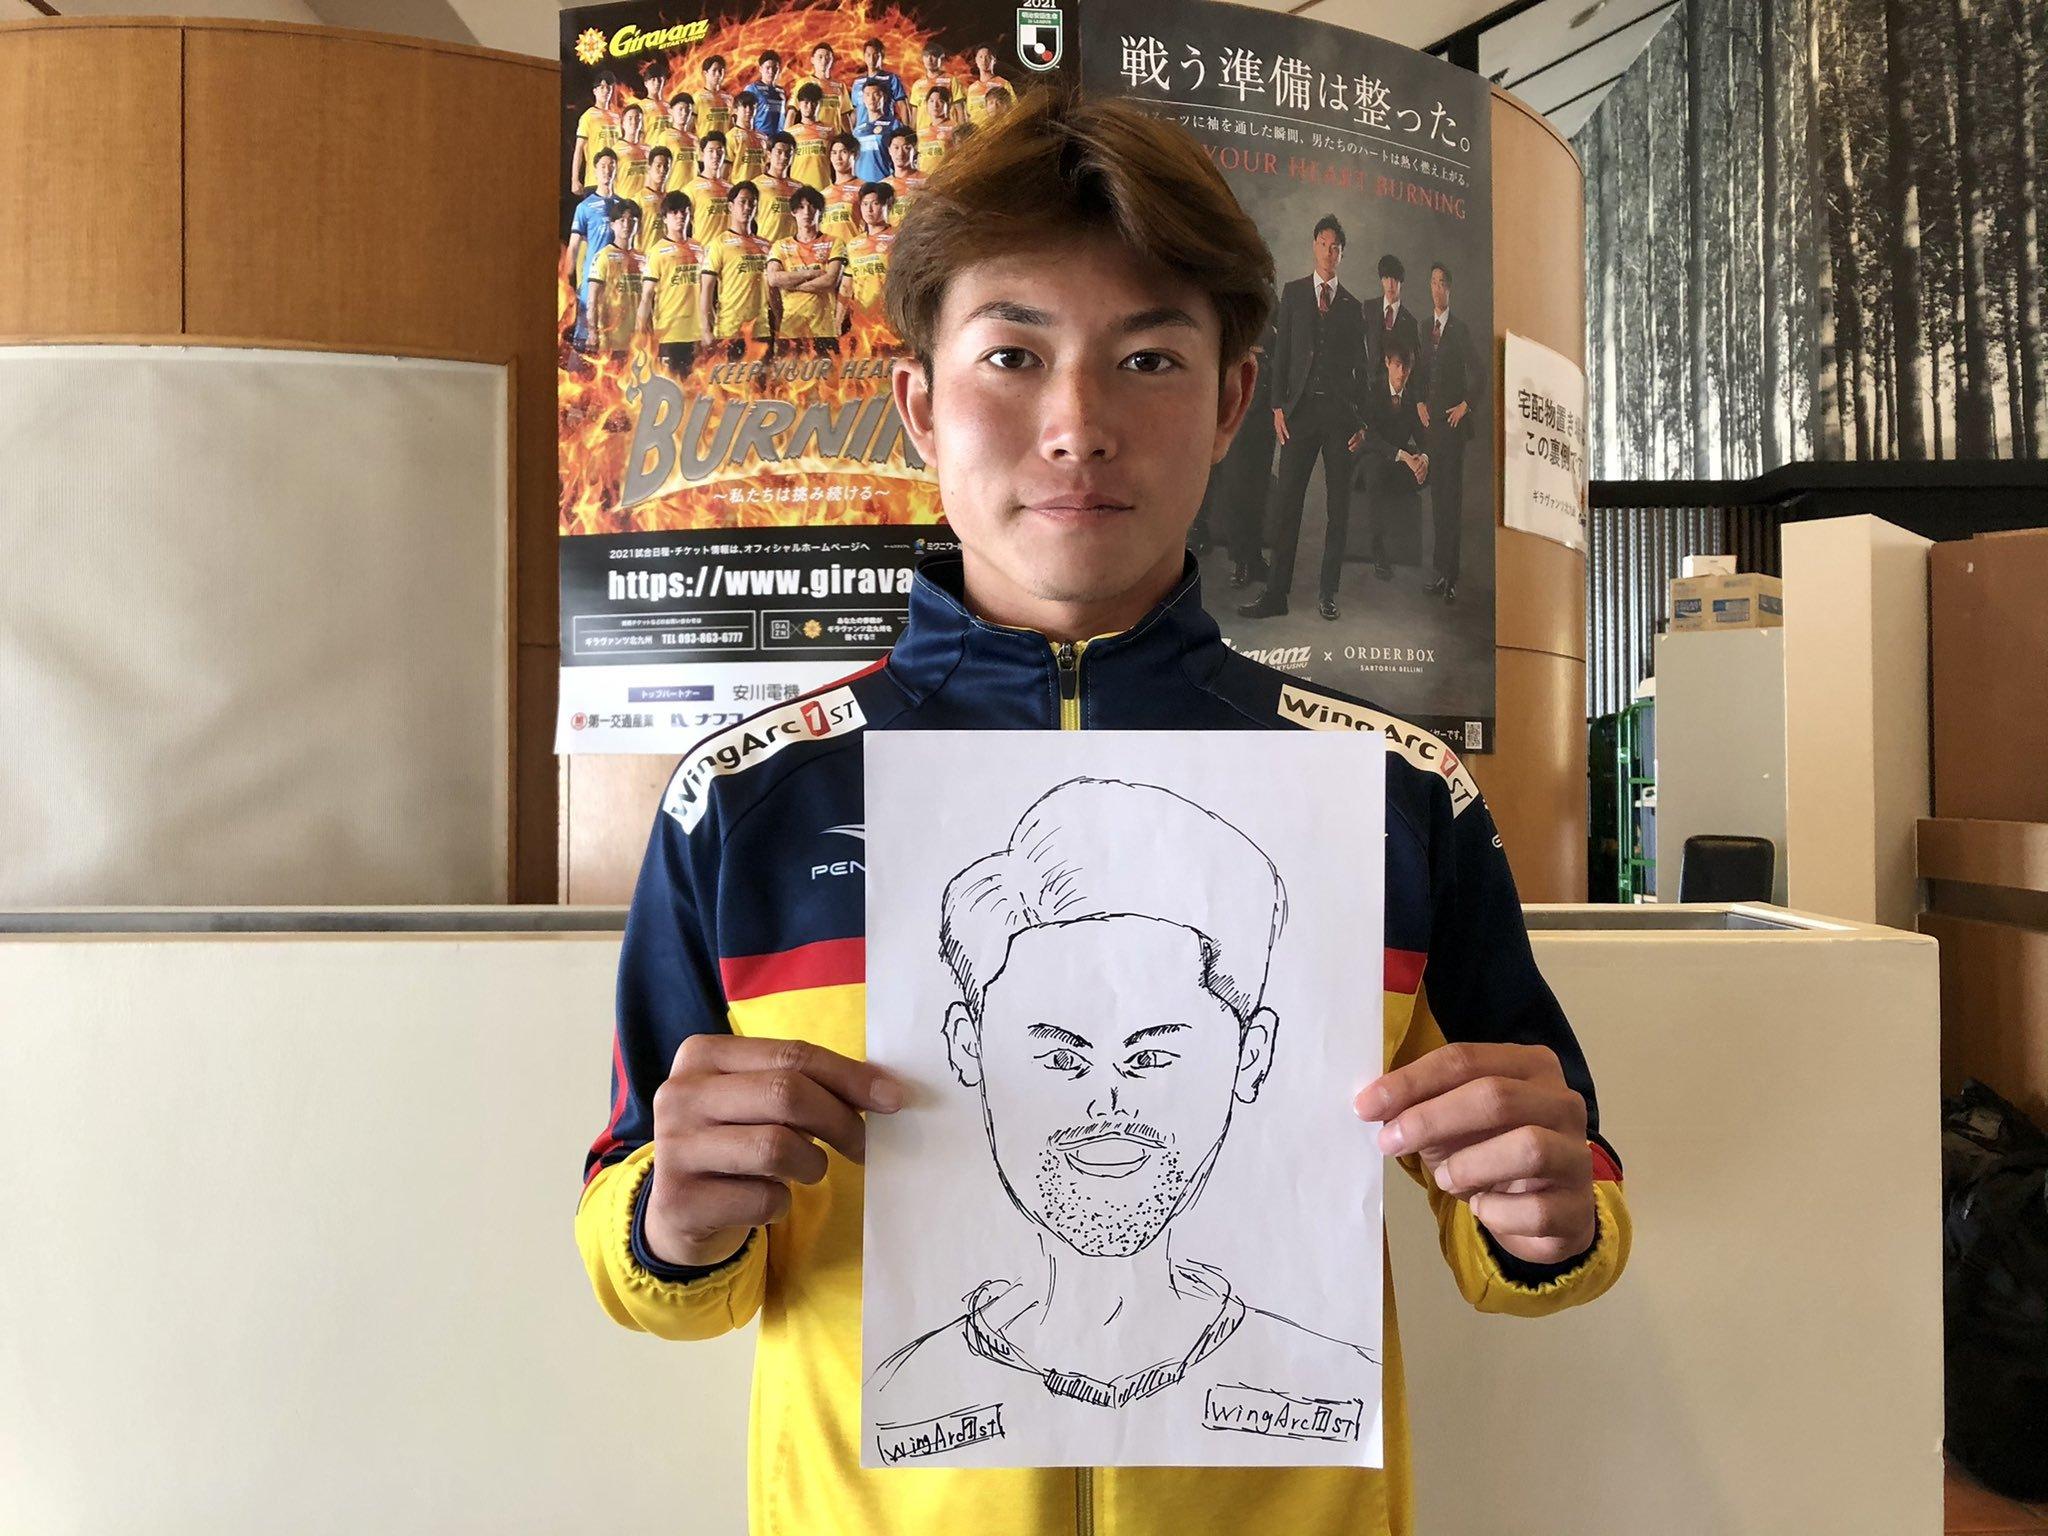 Чемпионат по обжорству и конкурс детских рисунков: как японский клуб заманивает болельщиков (+Фото, Видео) - изображение 10